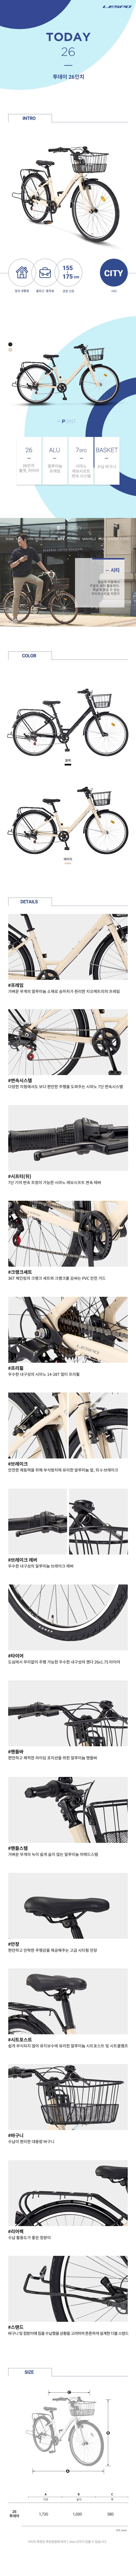 삼천리자전거 투데이26인치